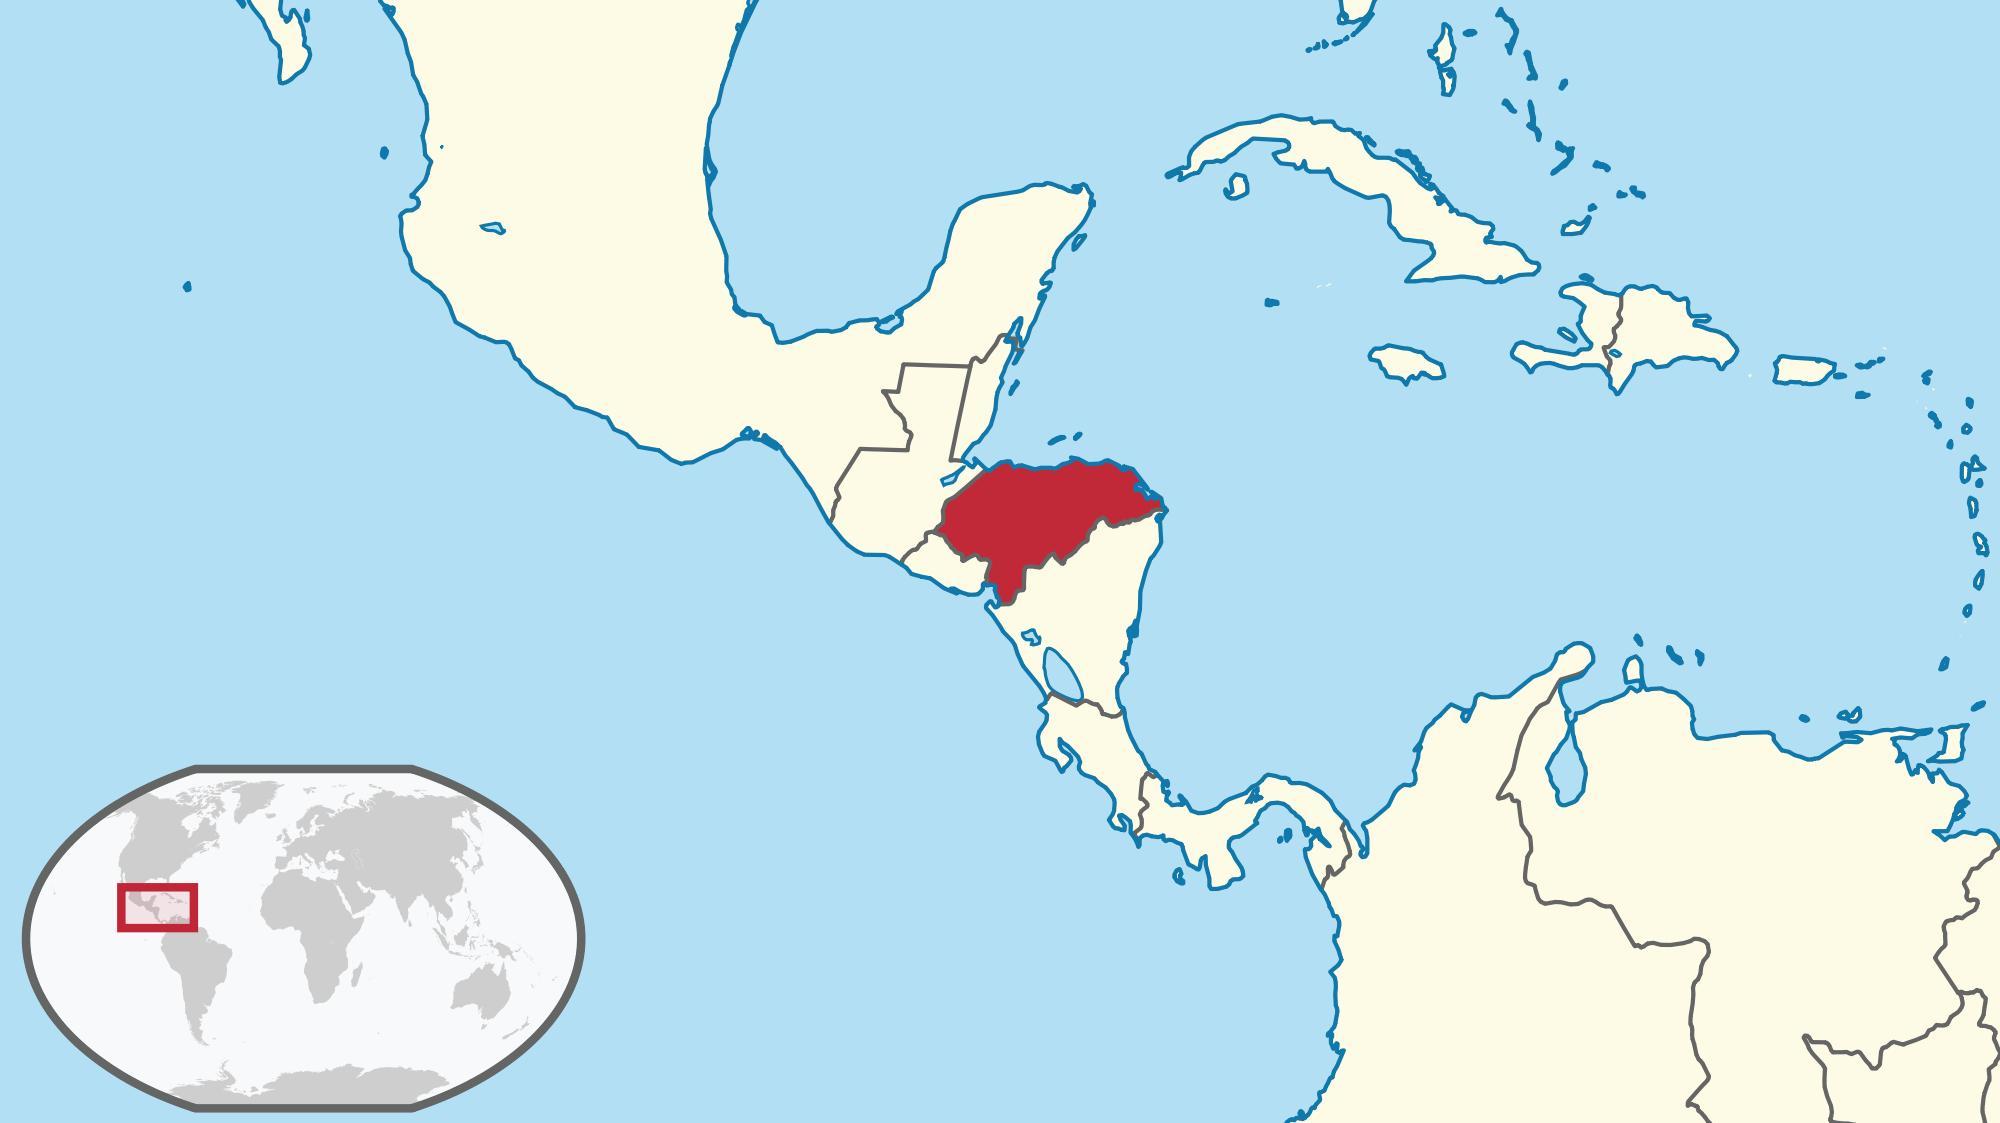 Honduras world map - Honduras Lage auf der Weltkarte (Mittelamerika ...